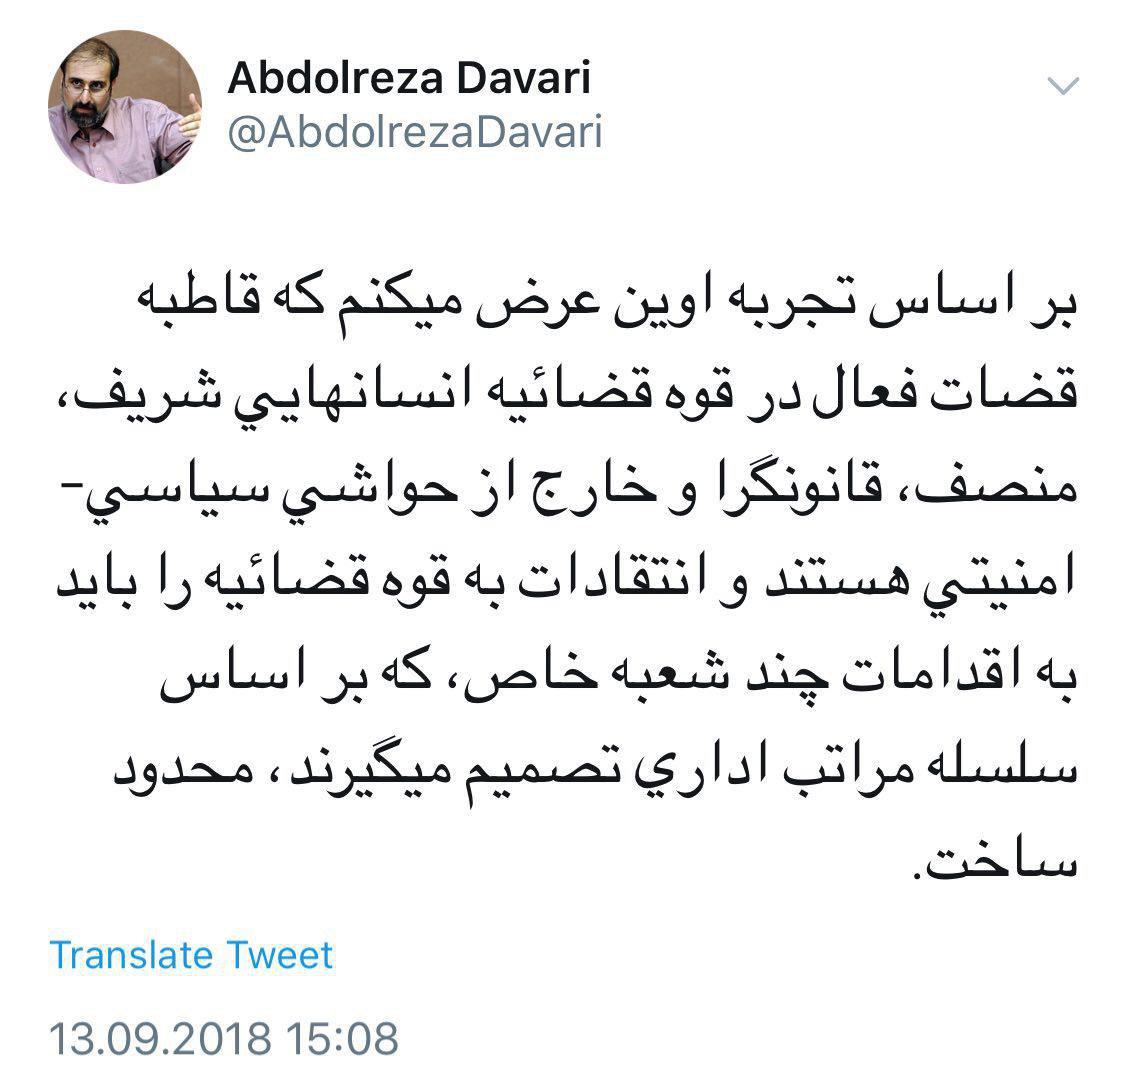 عبدالرضا داوری (از نزدیکان احمدینژاد): براساس تجربه اوين عرض ميكنم